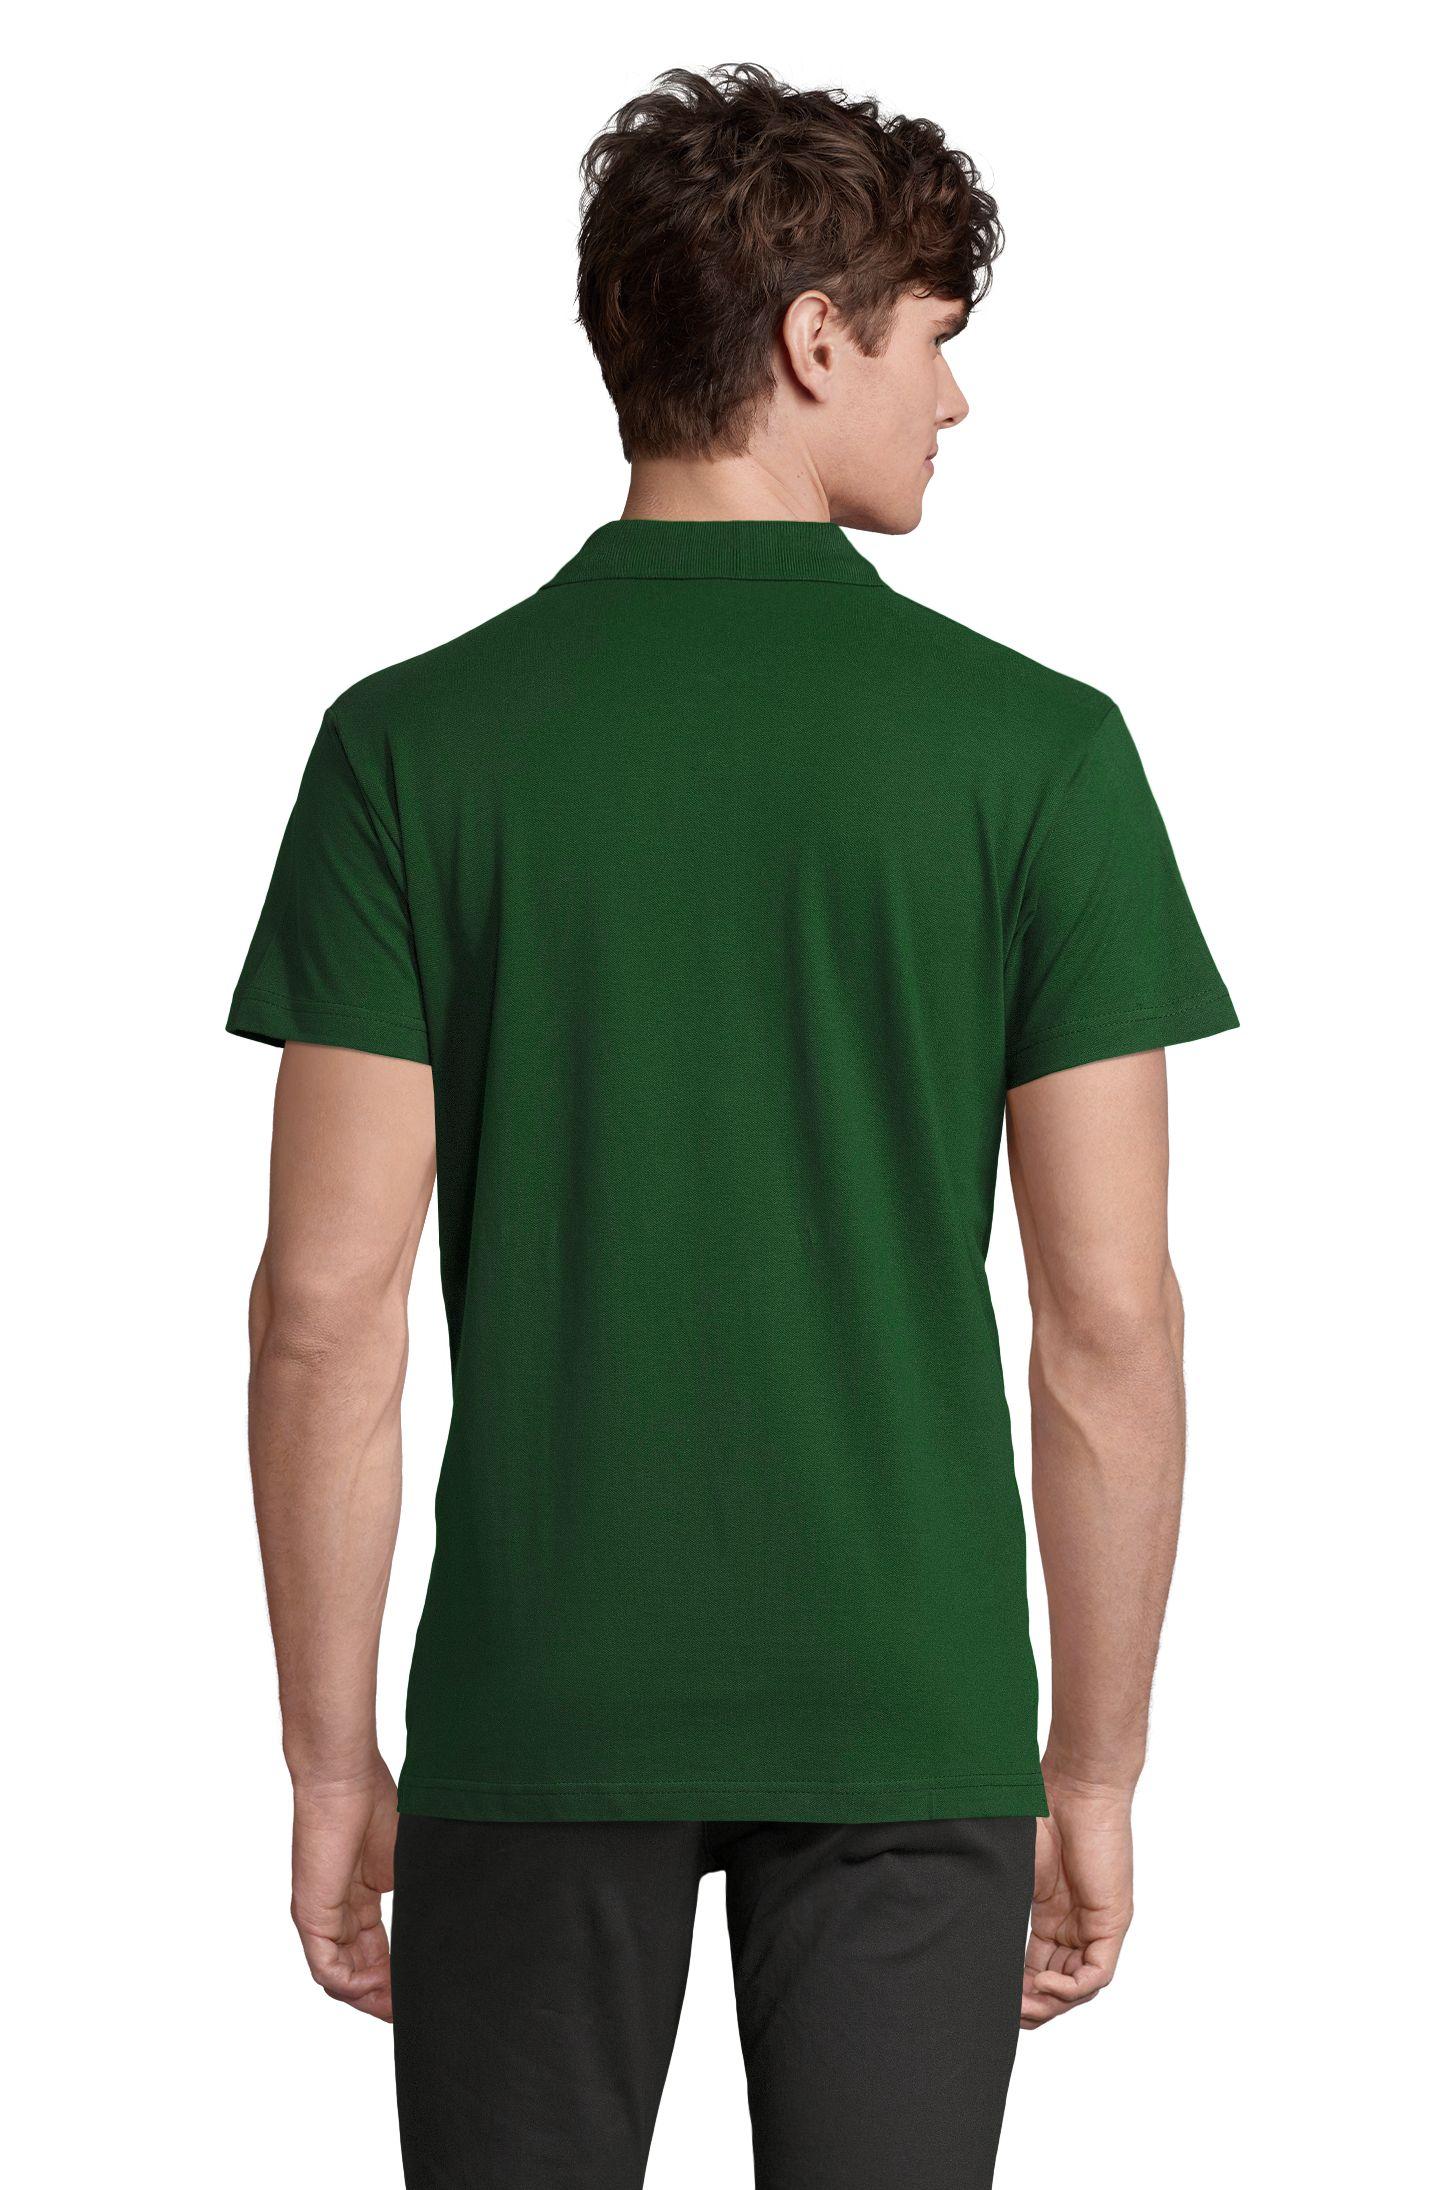 275 - Golf green